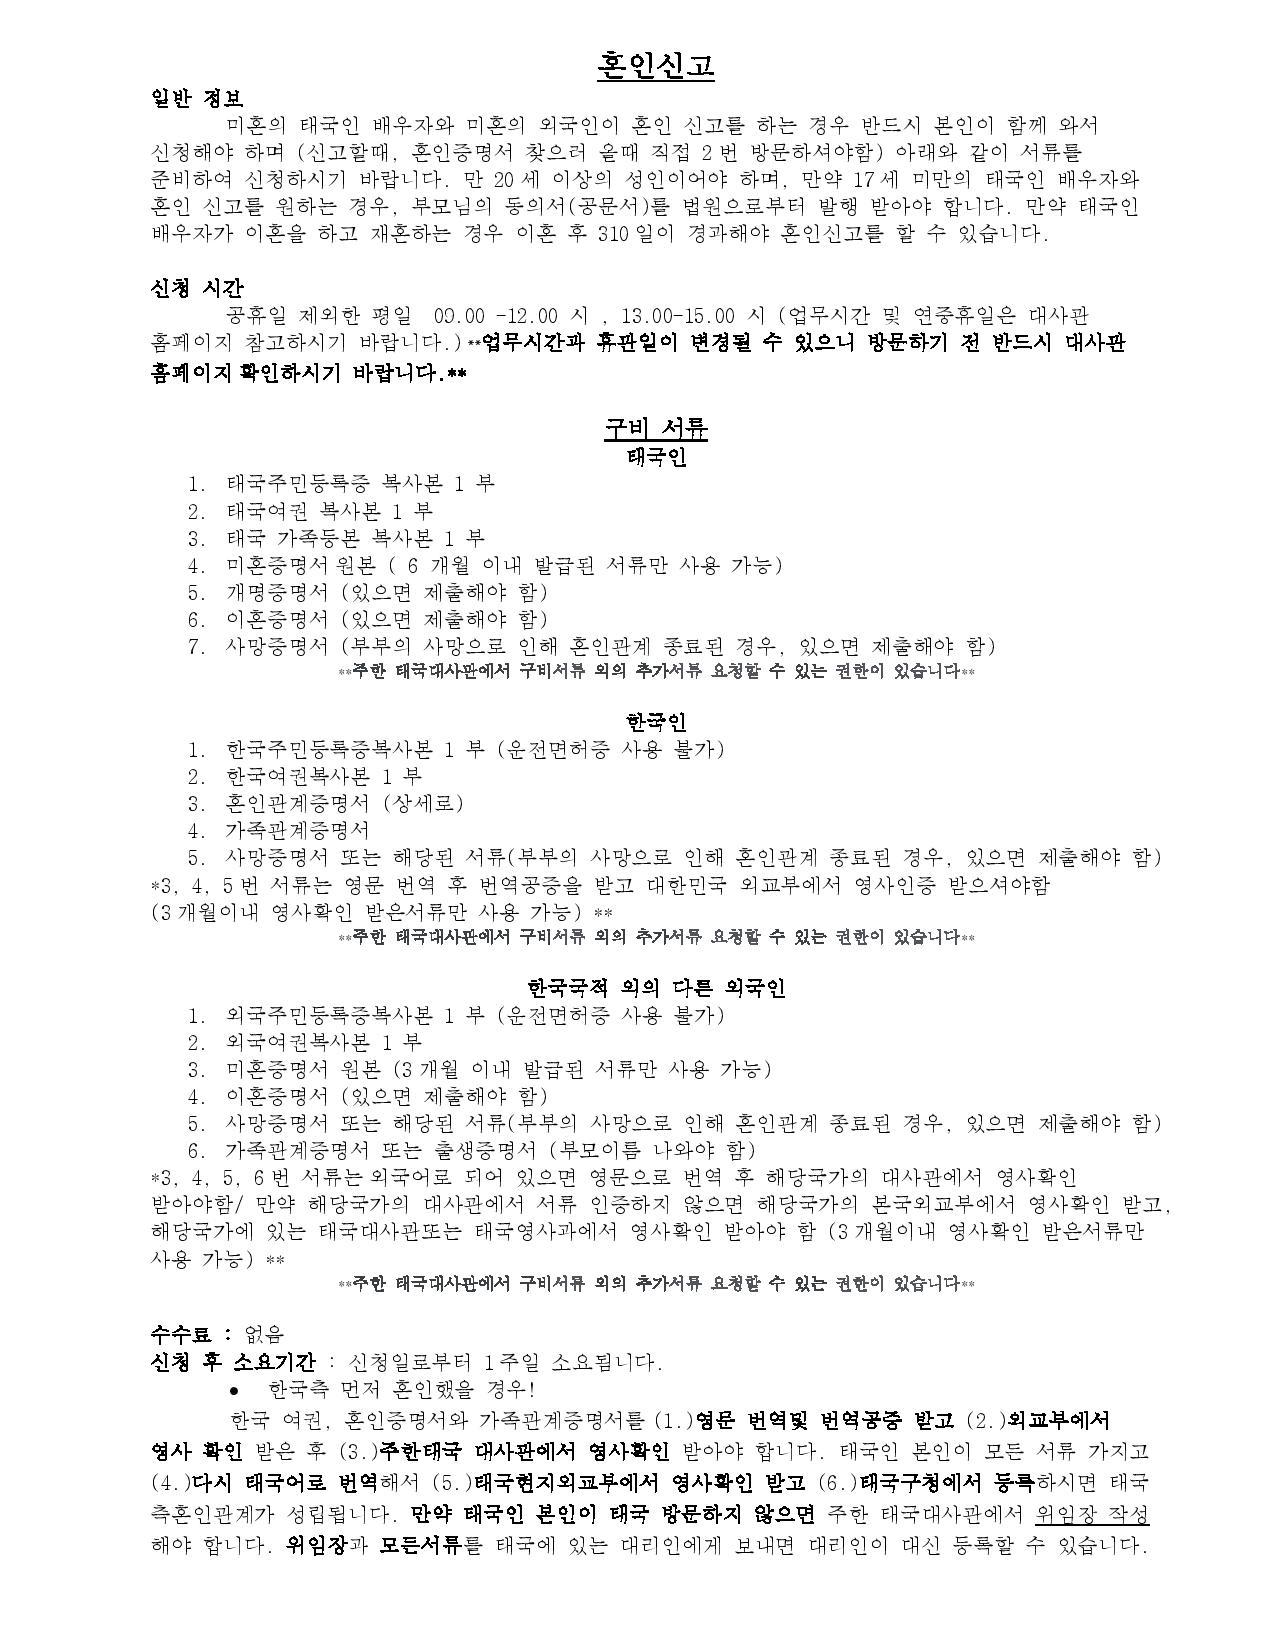 การจดทะเบียนสมรส_TH-KR-page-003